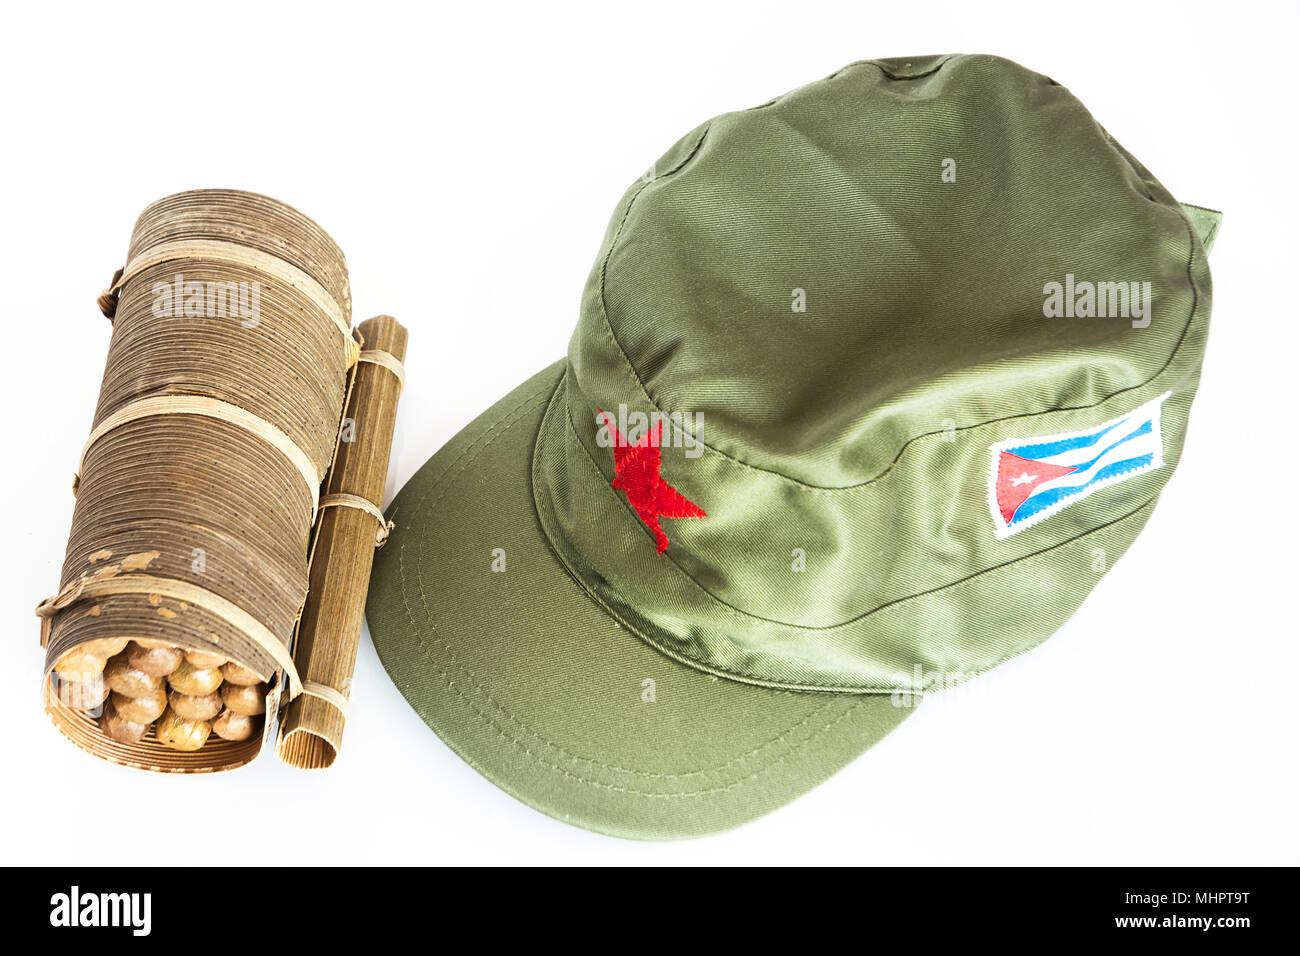 Algunos Cigarros Puros Cubanos Habanos enrollados en hoja de plátano y gorra  militar con la estrella 922f9360206